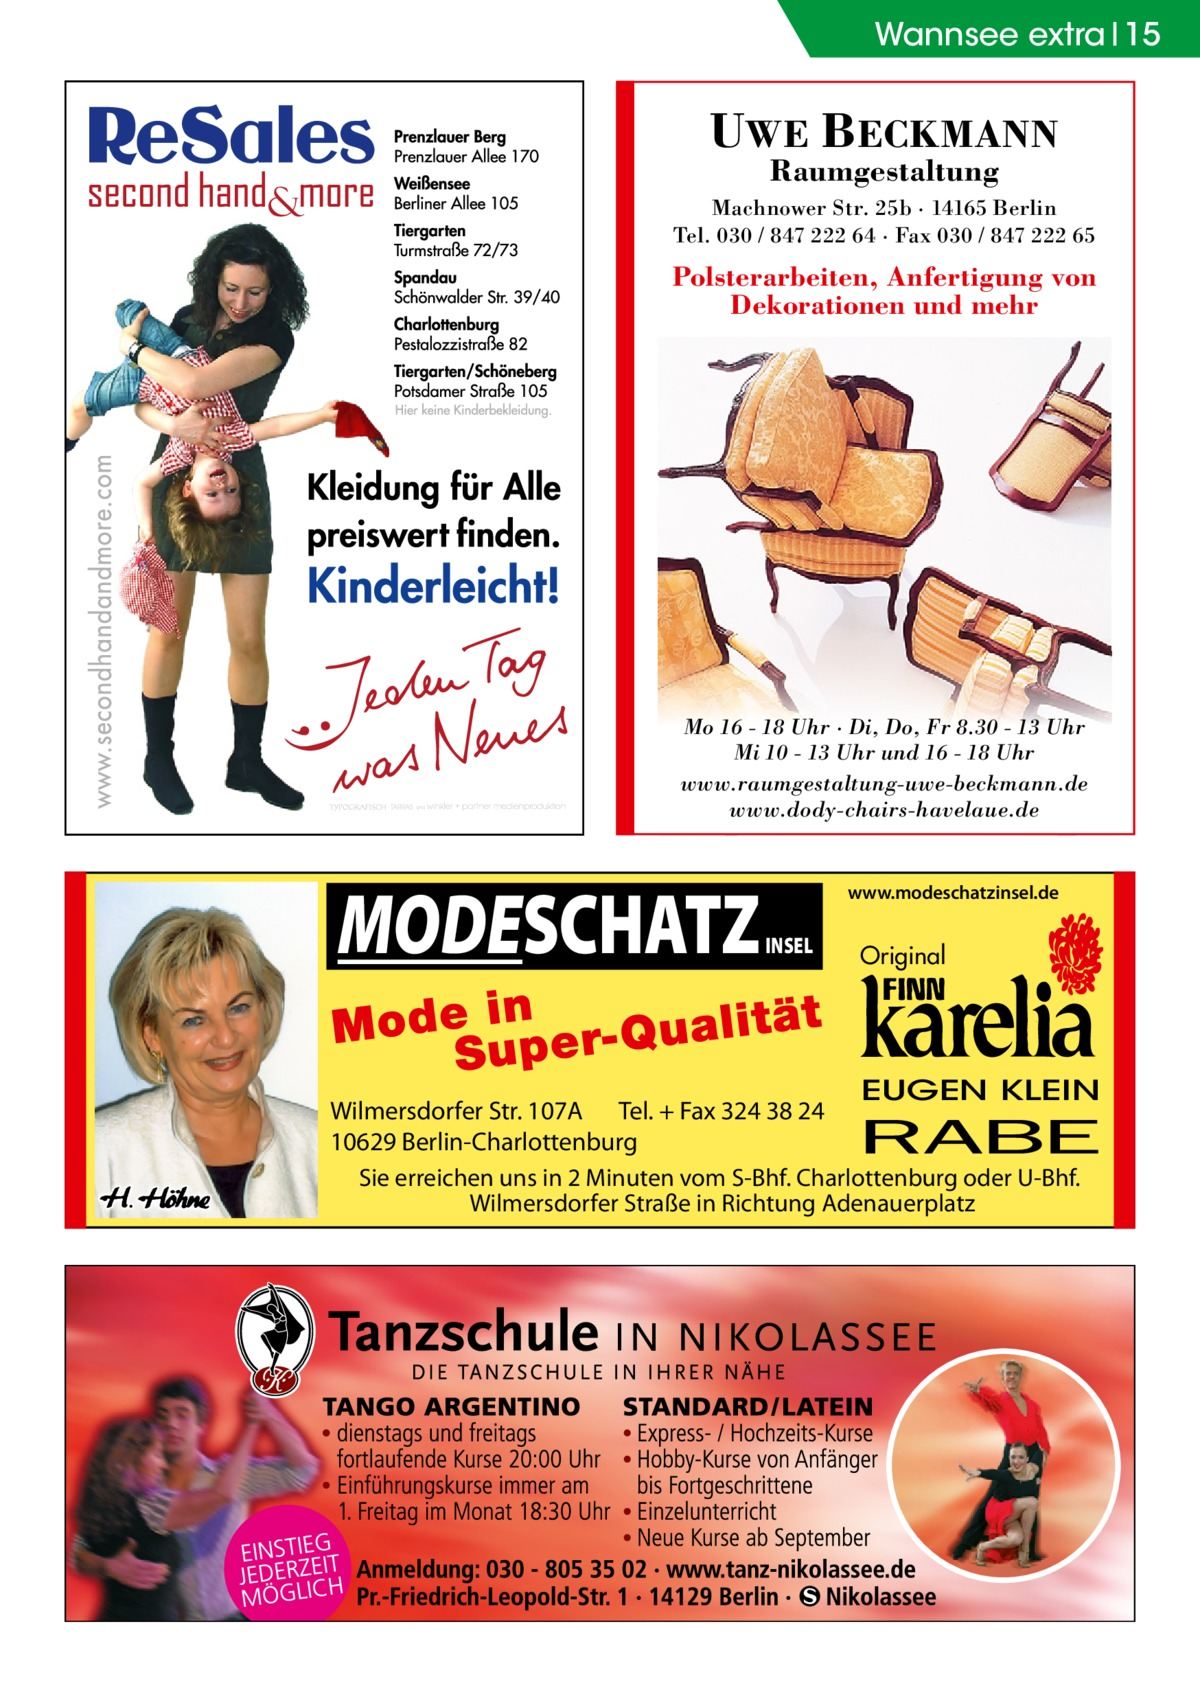 Wannsee Ratgeber extra 15  UWE BECKMANN Raumgestaltung  Machnower Str. 25b · 14165 Berlin Tel. 030 / 847 222 64 · Fax 030 / 847 222 65  Polsterarbeiten, Anfertigung von Dekorationen und mehr  Mo 16 - 18 Uhr · Di, Do, Fr 8.30 - 13 Uhr Mi 10 - 13 Uhr und 16 - 18 Uhr www.raumgestaltung-uwe-beckmann.de www.dody-chairs-havelaue.de  MODESCHATZ  www.modeschatzinsel.de  INSEL  Original  EUGEN KLEIN  Wilmersdorfer Str. 107A Tel. + Fax 324 38 24 10629 Berlin-Charlottenburg Sie erreichen uns in 2 Minuten vom S-Bhf. Charlottenburg oder U-Bhf. Wilmersdorfer Straße in Richtung Adenauerplatz